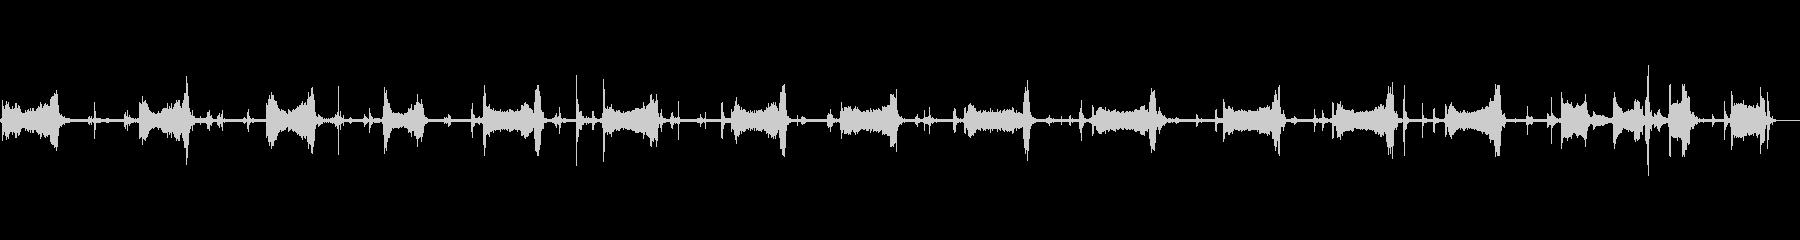 ハンドプレーン:プランニングウッド...の未再生の波形